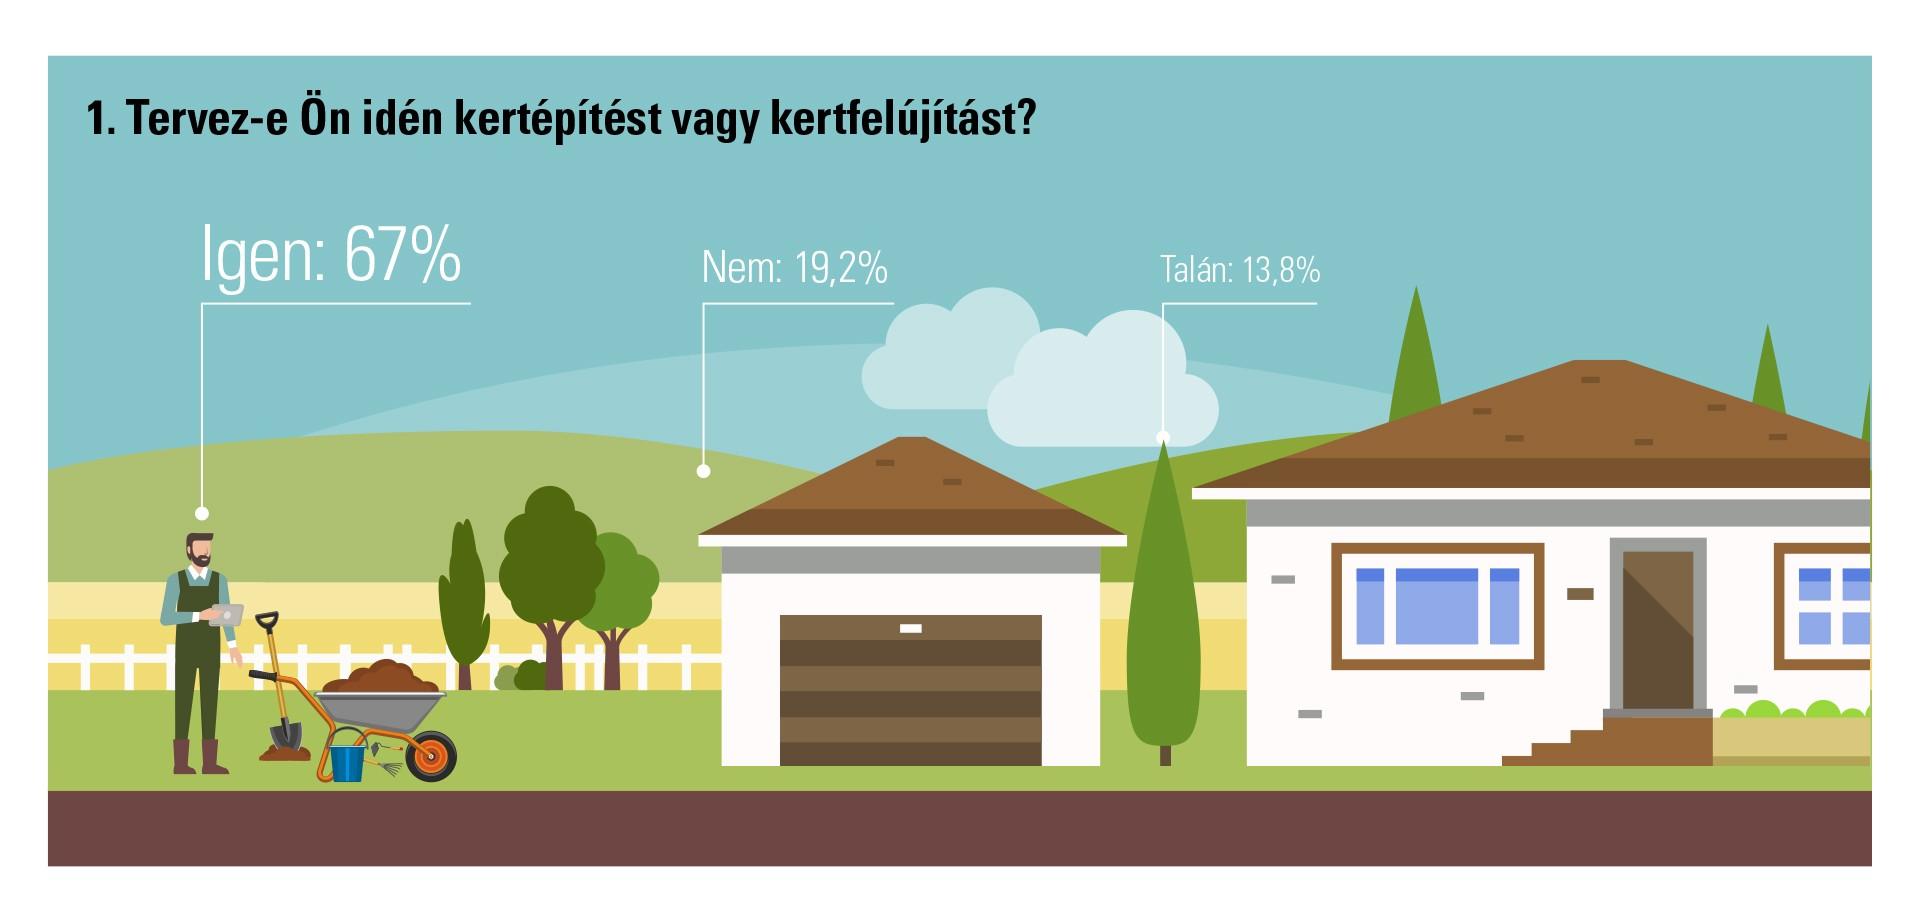 Tervez-e Ön idén kertépítést vagy kertfelújítást?